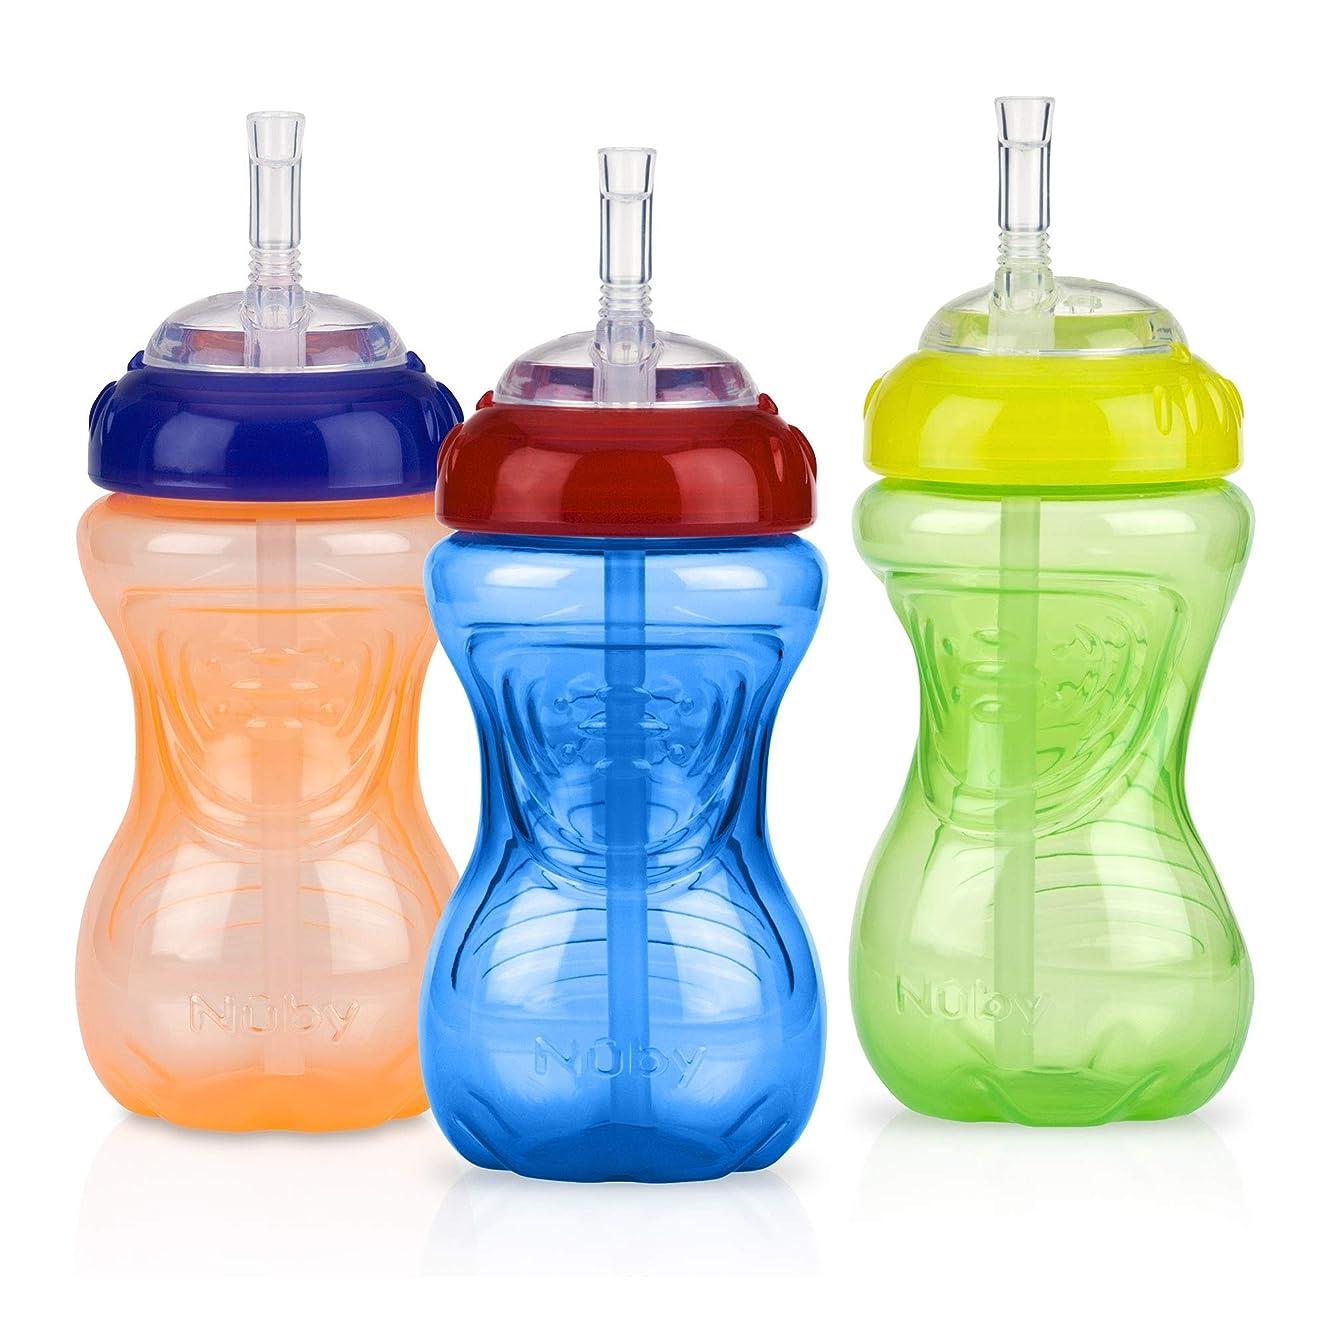 ペンミル絡まる漏れないストロー付きベイビーボトルカップ 赤ちゃん?お子様用 フレックスストロー付カップ 295ミリリットル (10オンス) (ニュートラル)